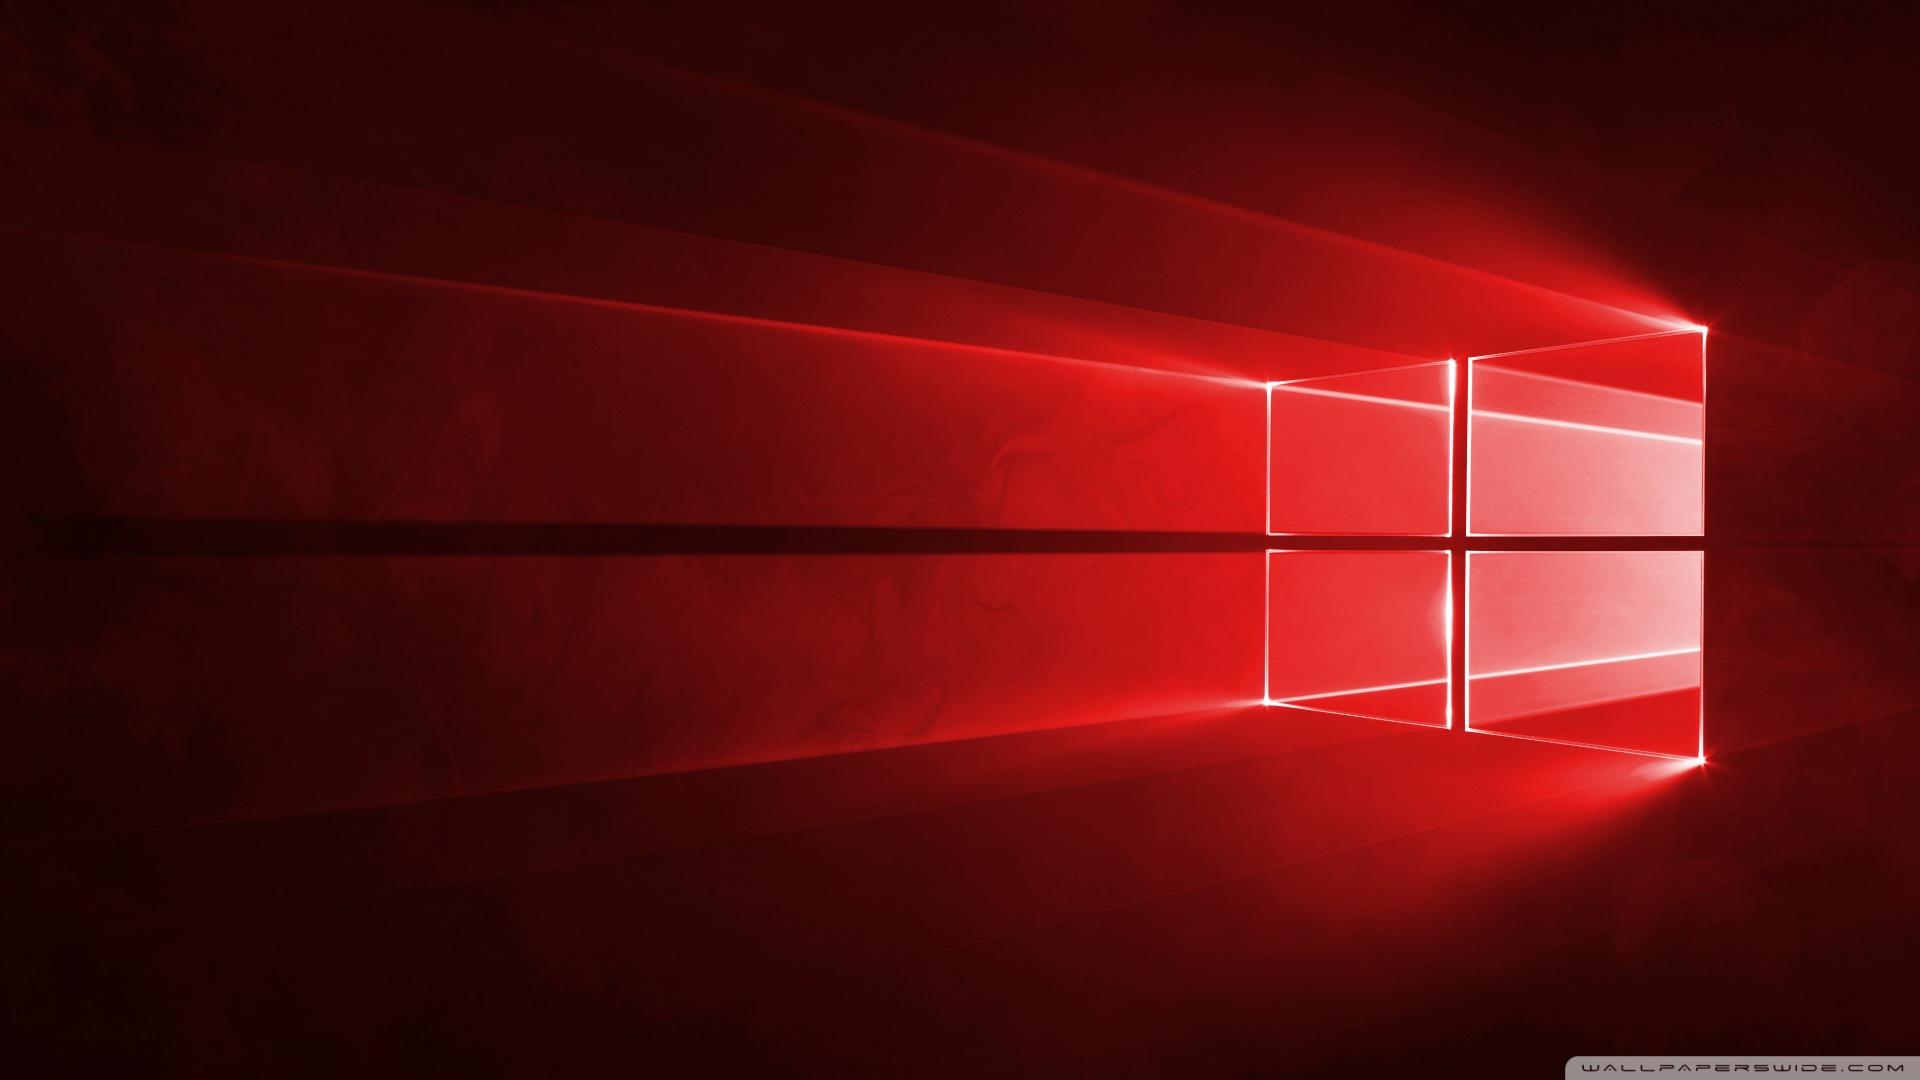 3d Dual Screen Wallpaper Windows 10 Red In 4k 4k Hd Desktop Wallpaper For Wide